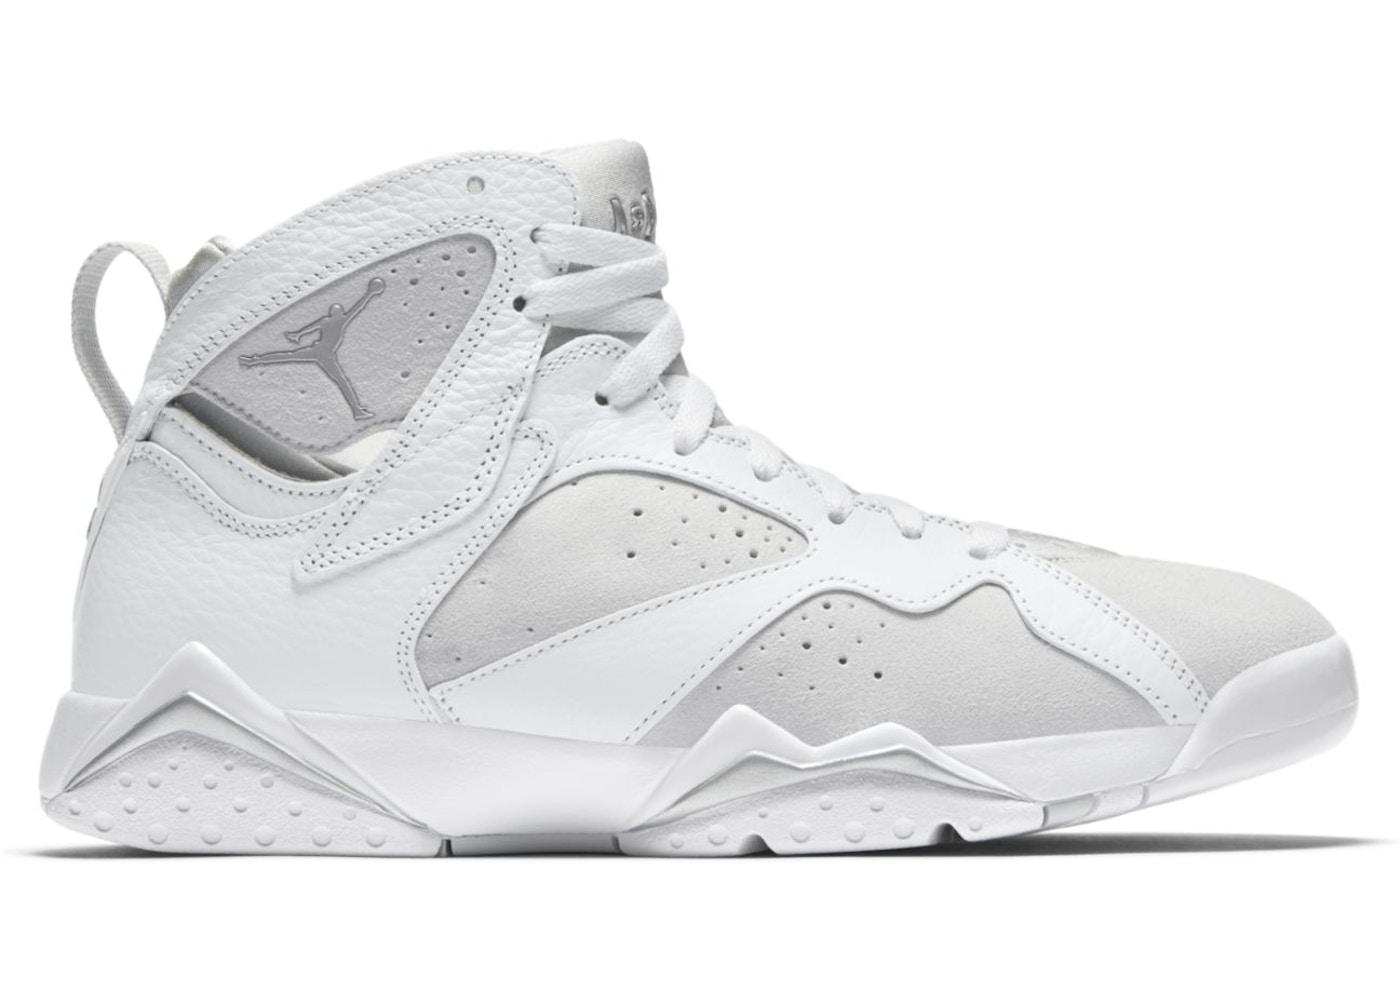 hot sale online 8173d ea4a3 Jordan 7 Retro Pure Platinum ...